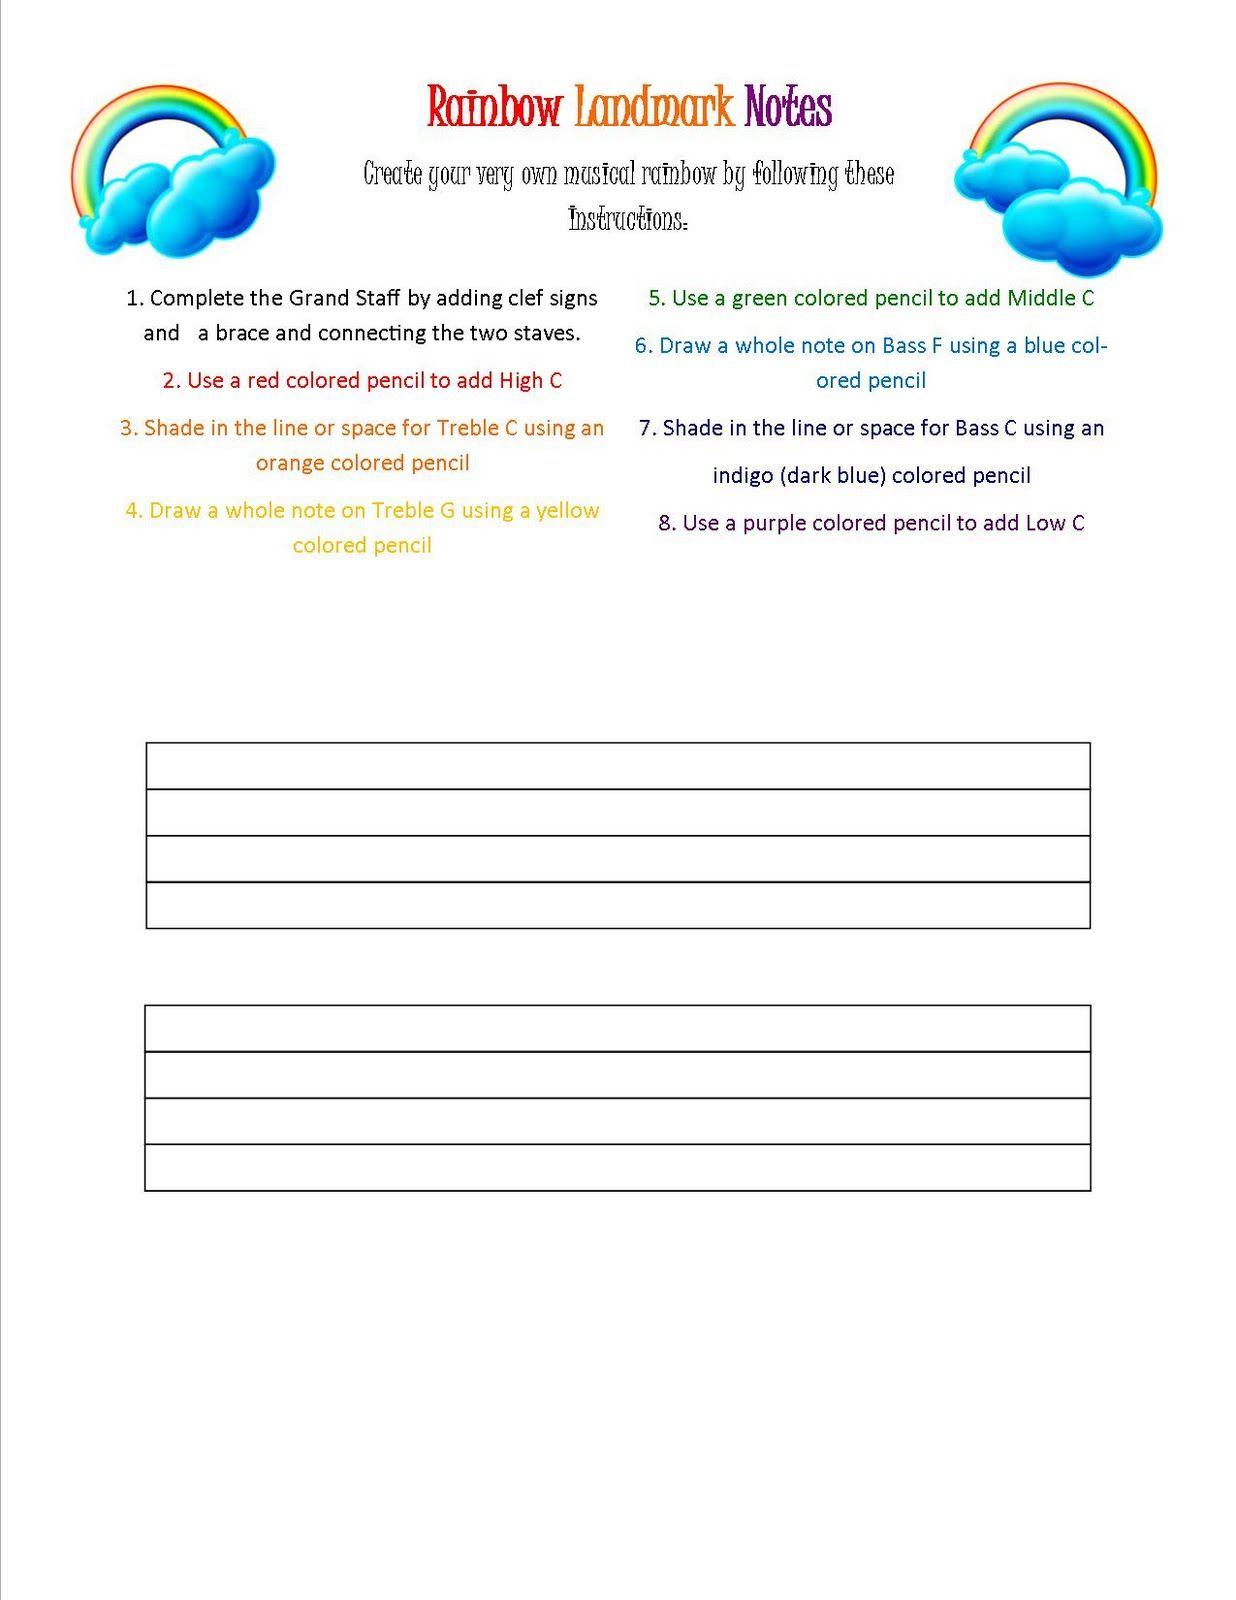 Rainbow Landmark Note Worksheet